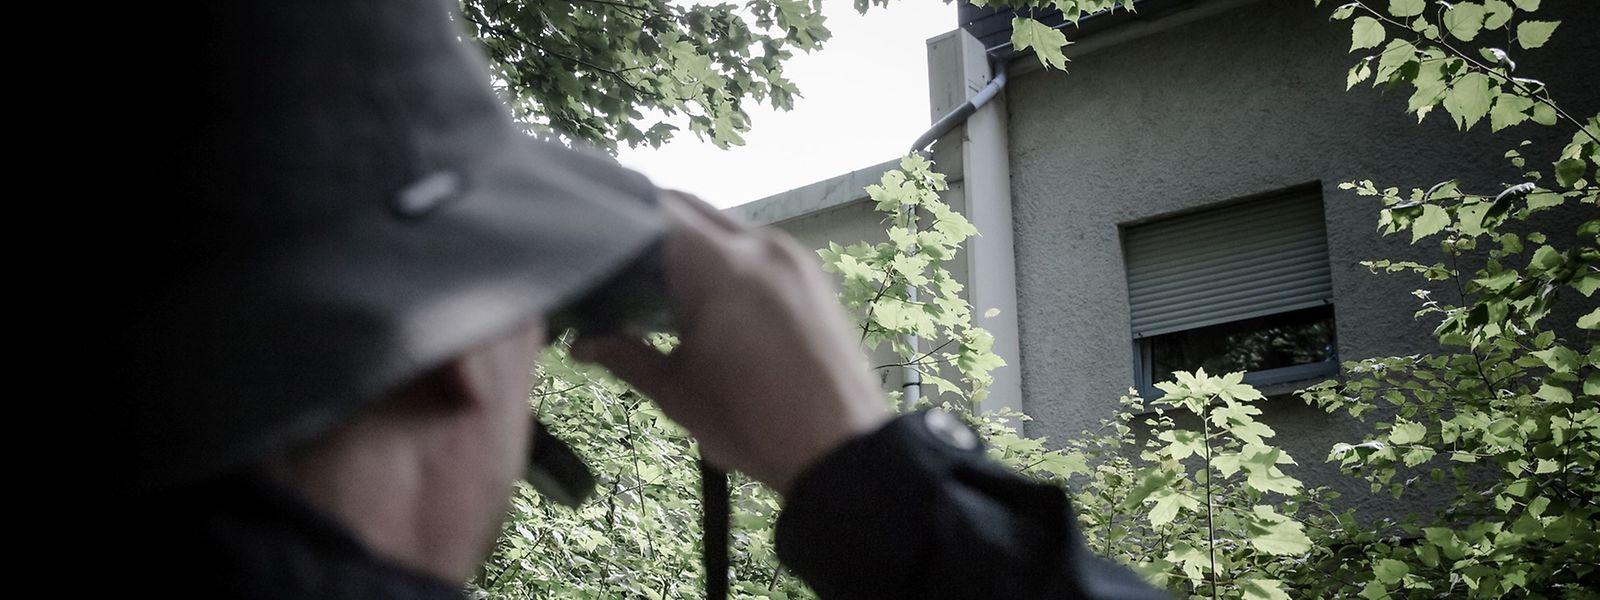 Jeden Schritt des Opfers im Blick: Stalking-Täter erwarten in Luxemburg hohe Strafen.